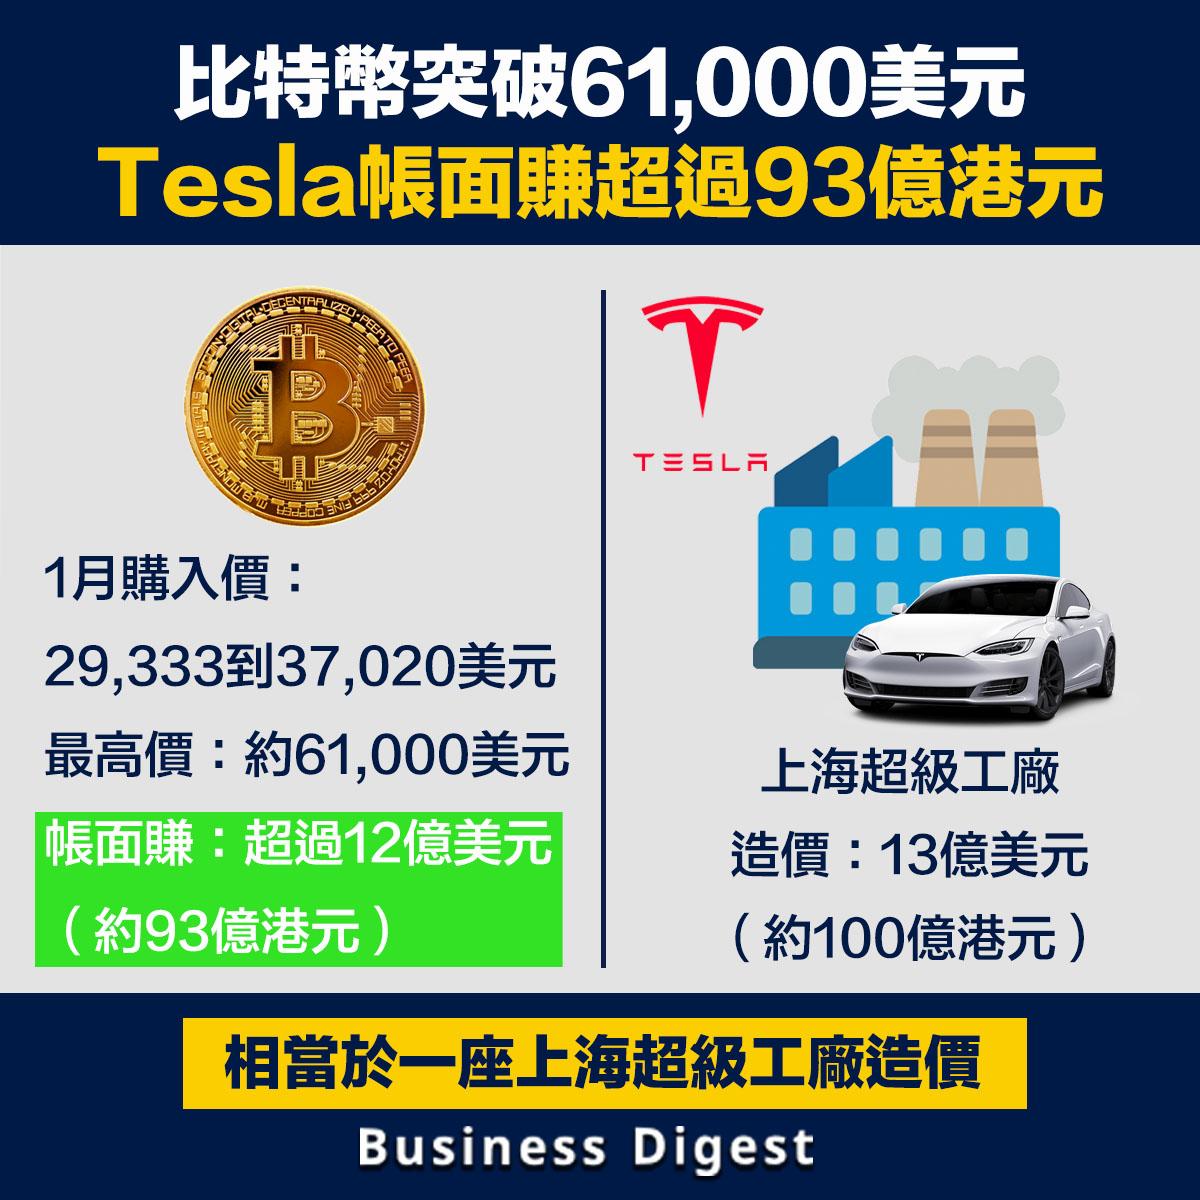 據《Barron's》報導,早前大手購入比特幣的電動車大廠Tesla將大有斬獲,甚至為其CEO馬斯克賺得了一座超級工廠